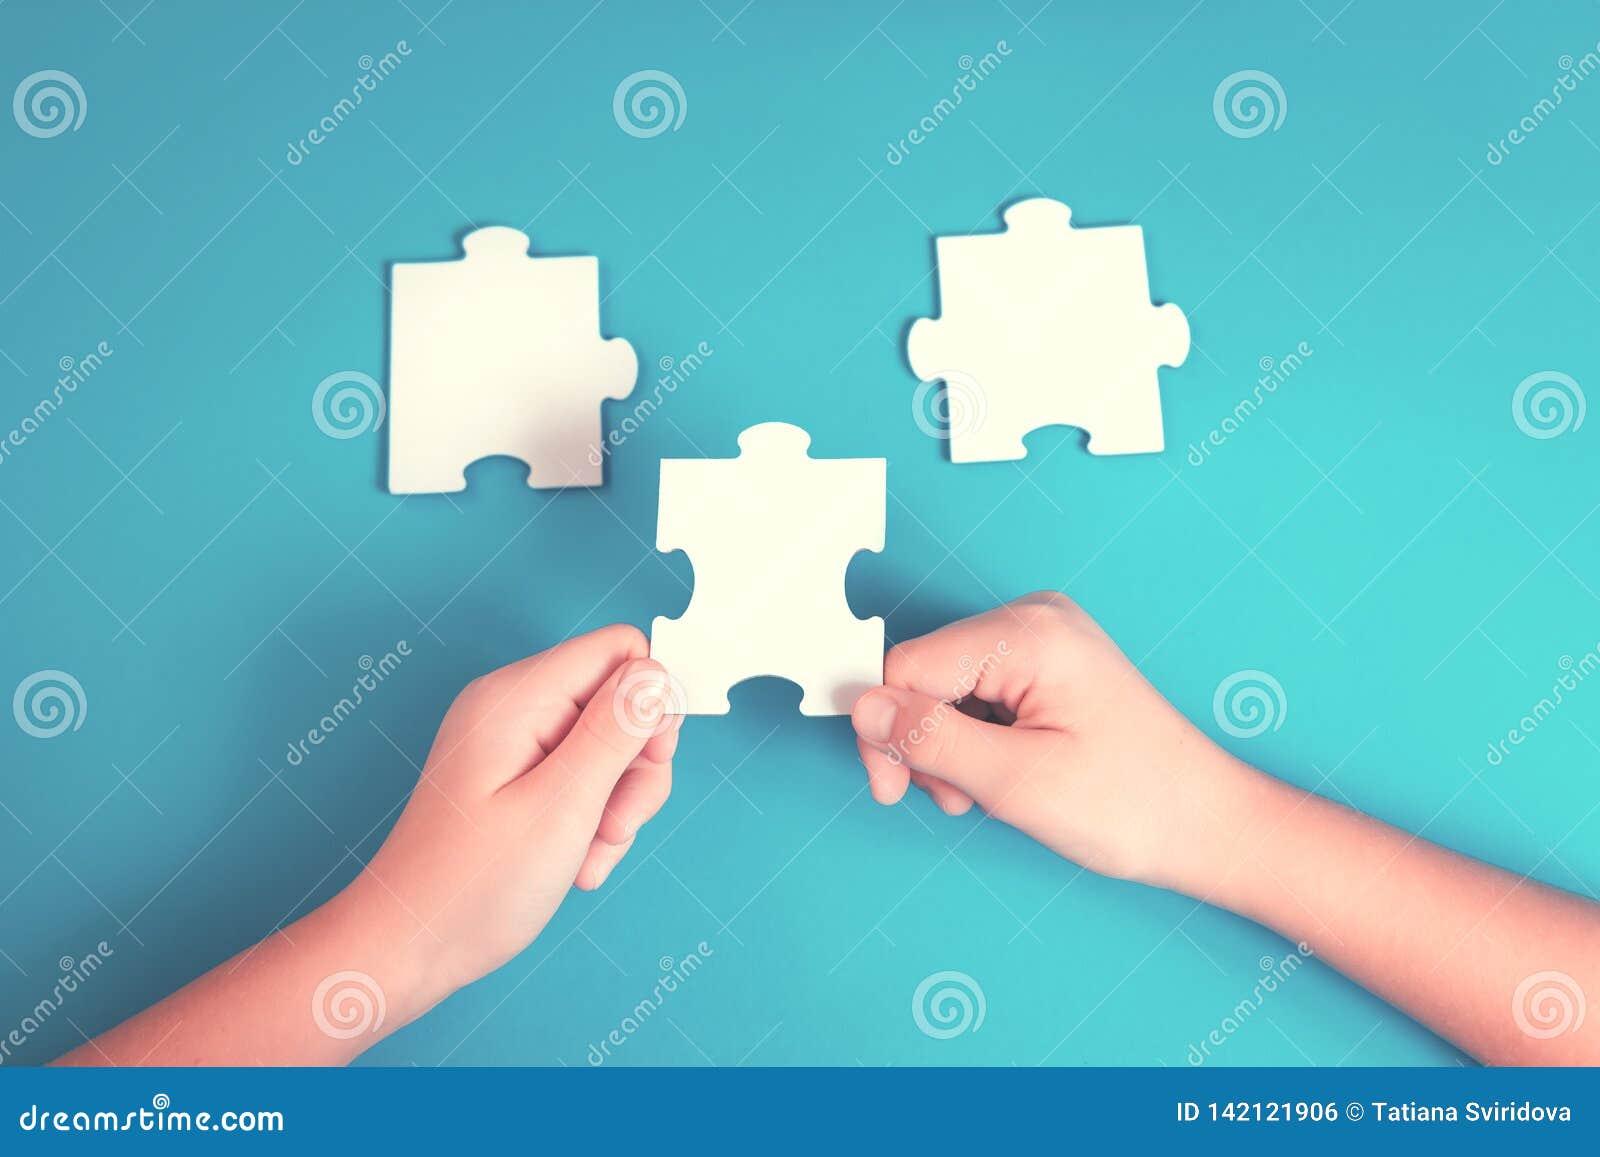 Puzzelstuk in een hand